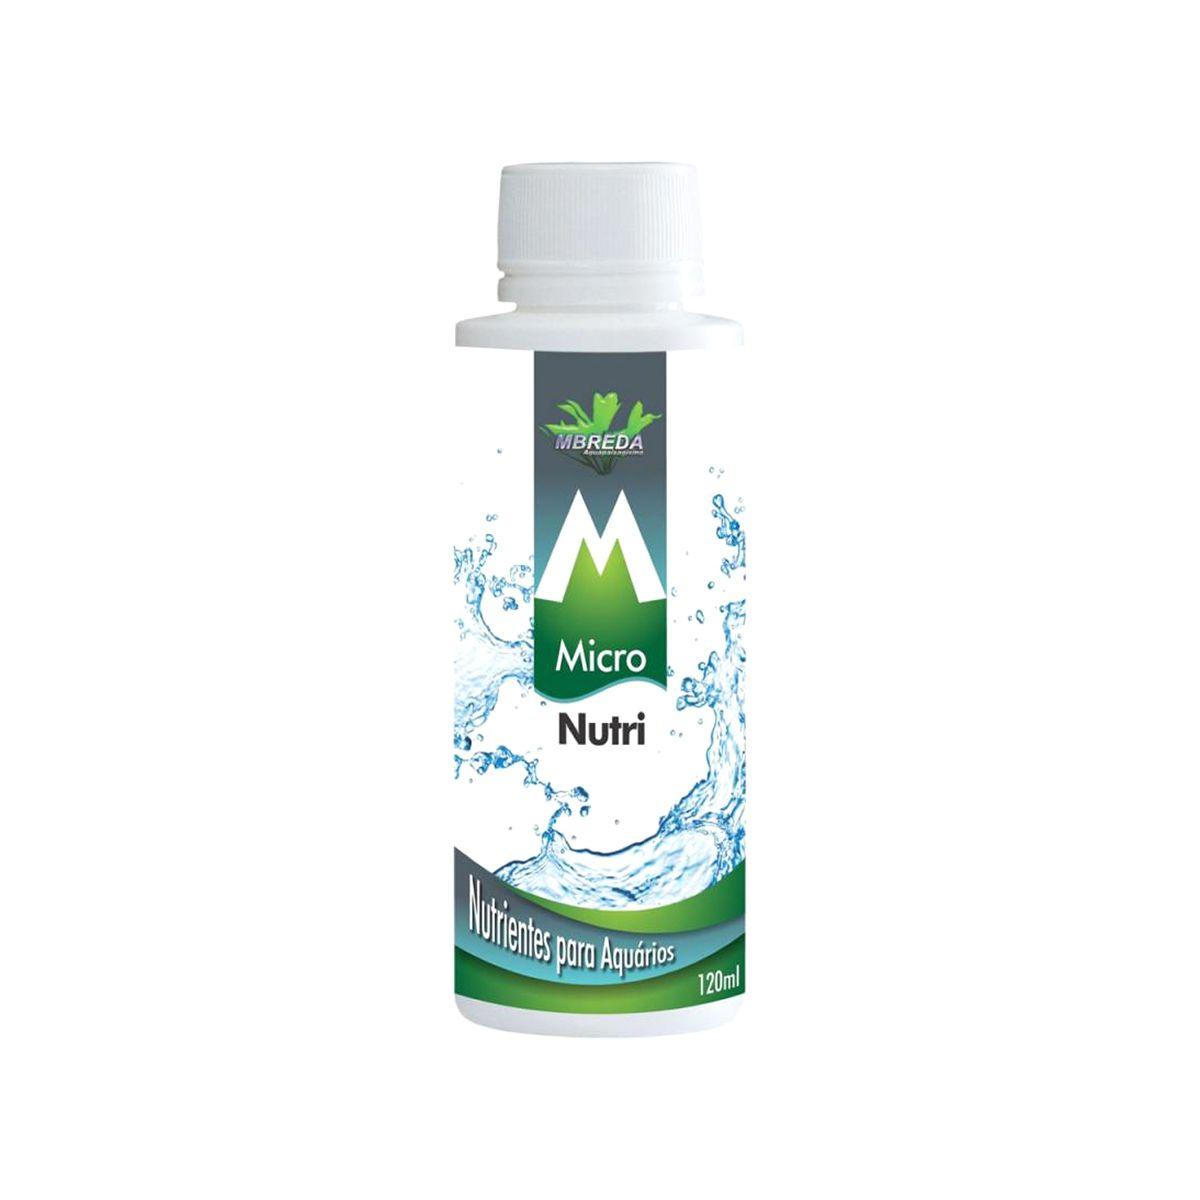 Mbreda Fertilizante Micronutri 120ml Nutrientes P/ Aquários